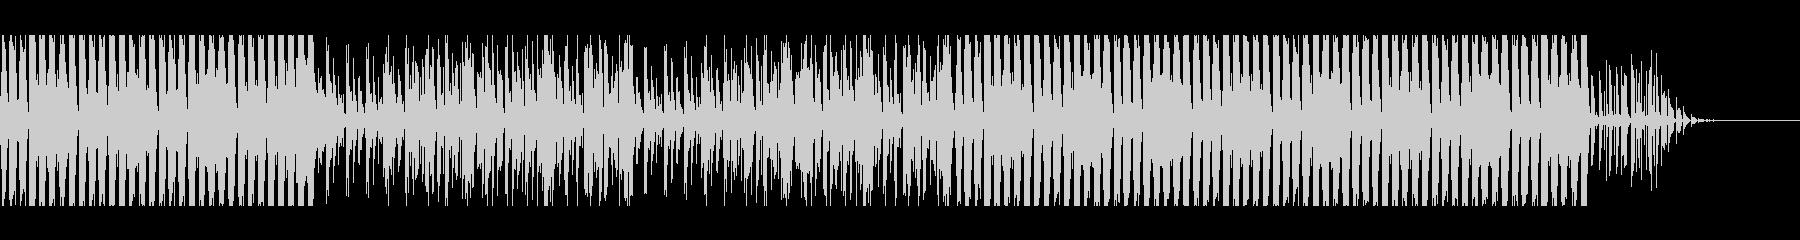 カッティングギターファンクBGMの未再生の波形